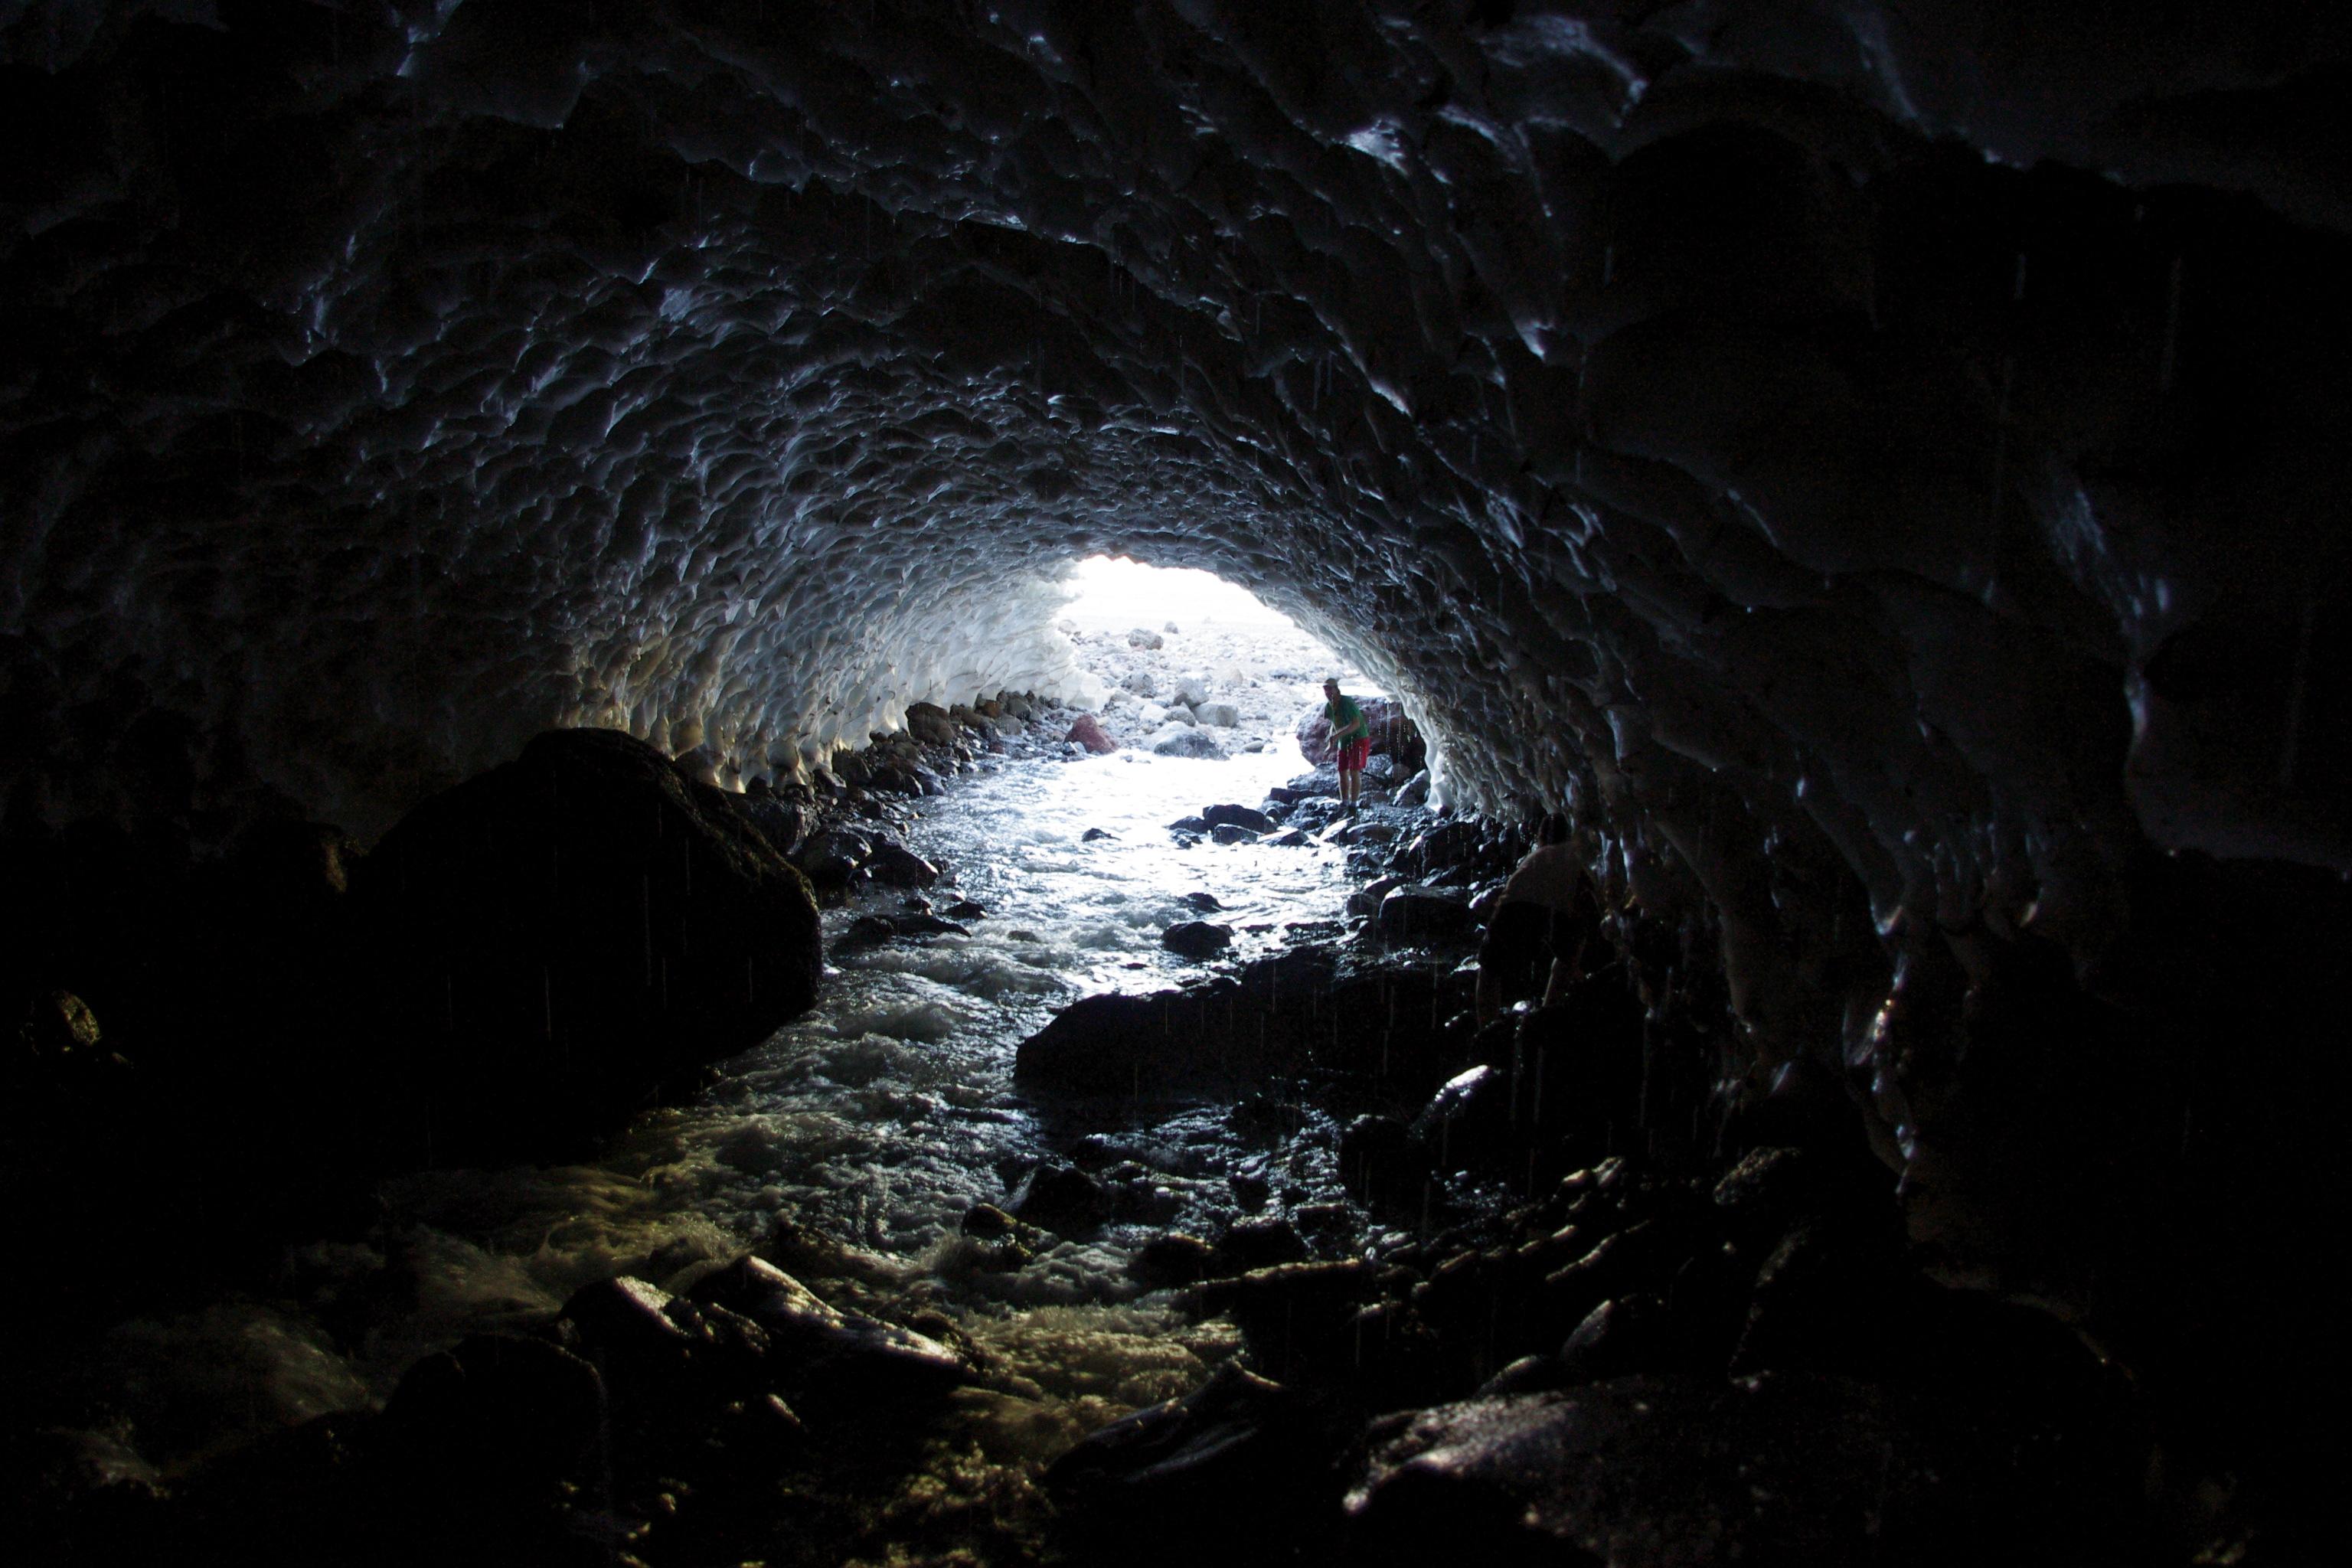 Il mito della caverna di platone di massimiliano for Modelli di caverna dell uomo